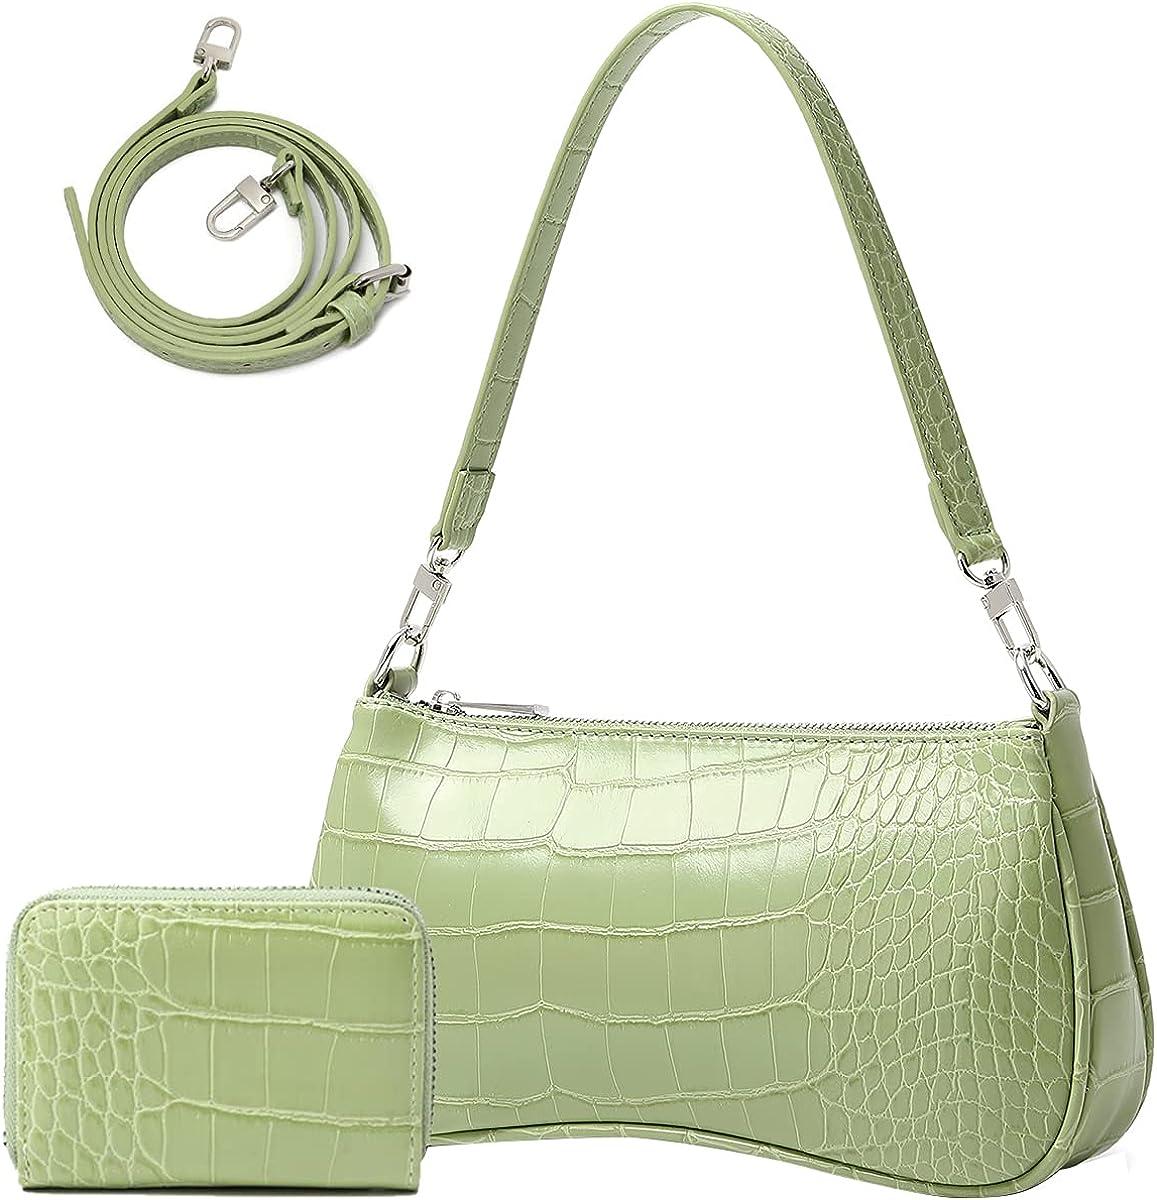 Shoulder Bag for Women 90s Trendy Purse Small Crocodile Clutch Y2K Fashion Mini Handbag with Crossbody Strap